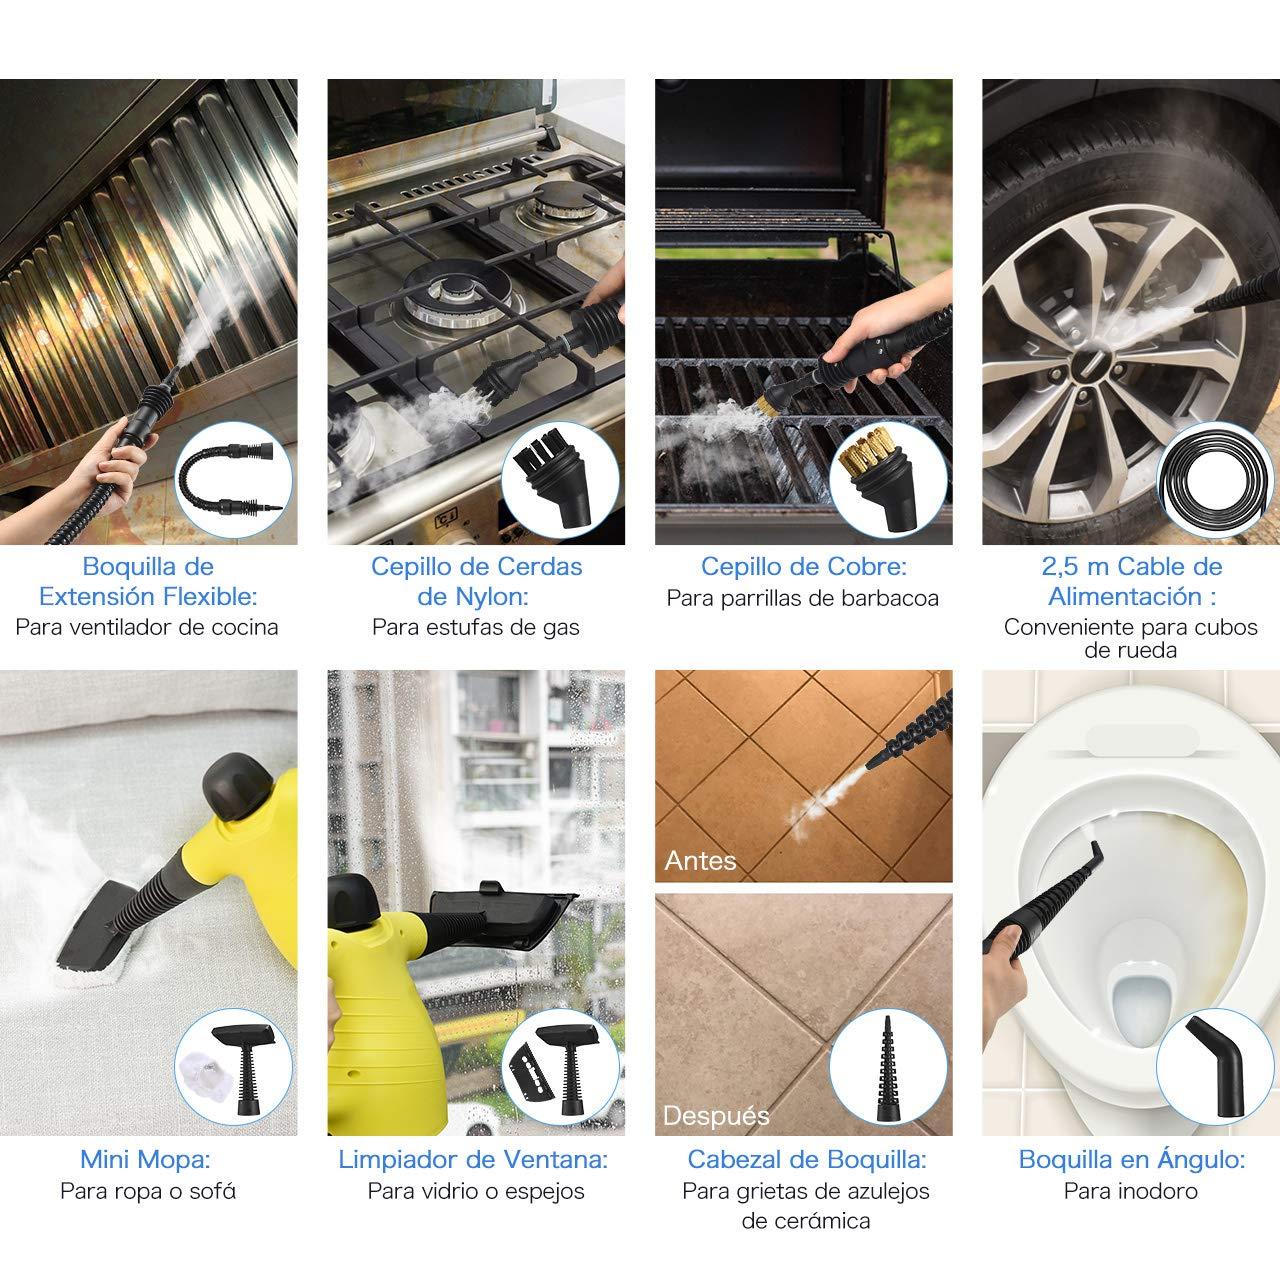 Ba/ños para Limpieza Profunda en Alfombras 9 Piezas de Accesorios Asientos de Coche 1050W con Presi/ón Alta Holife 9-en-1 Limpiador de Mano Limpizador de Vapor Esquinas de Cocina